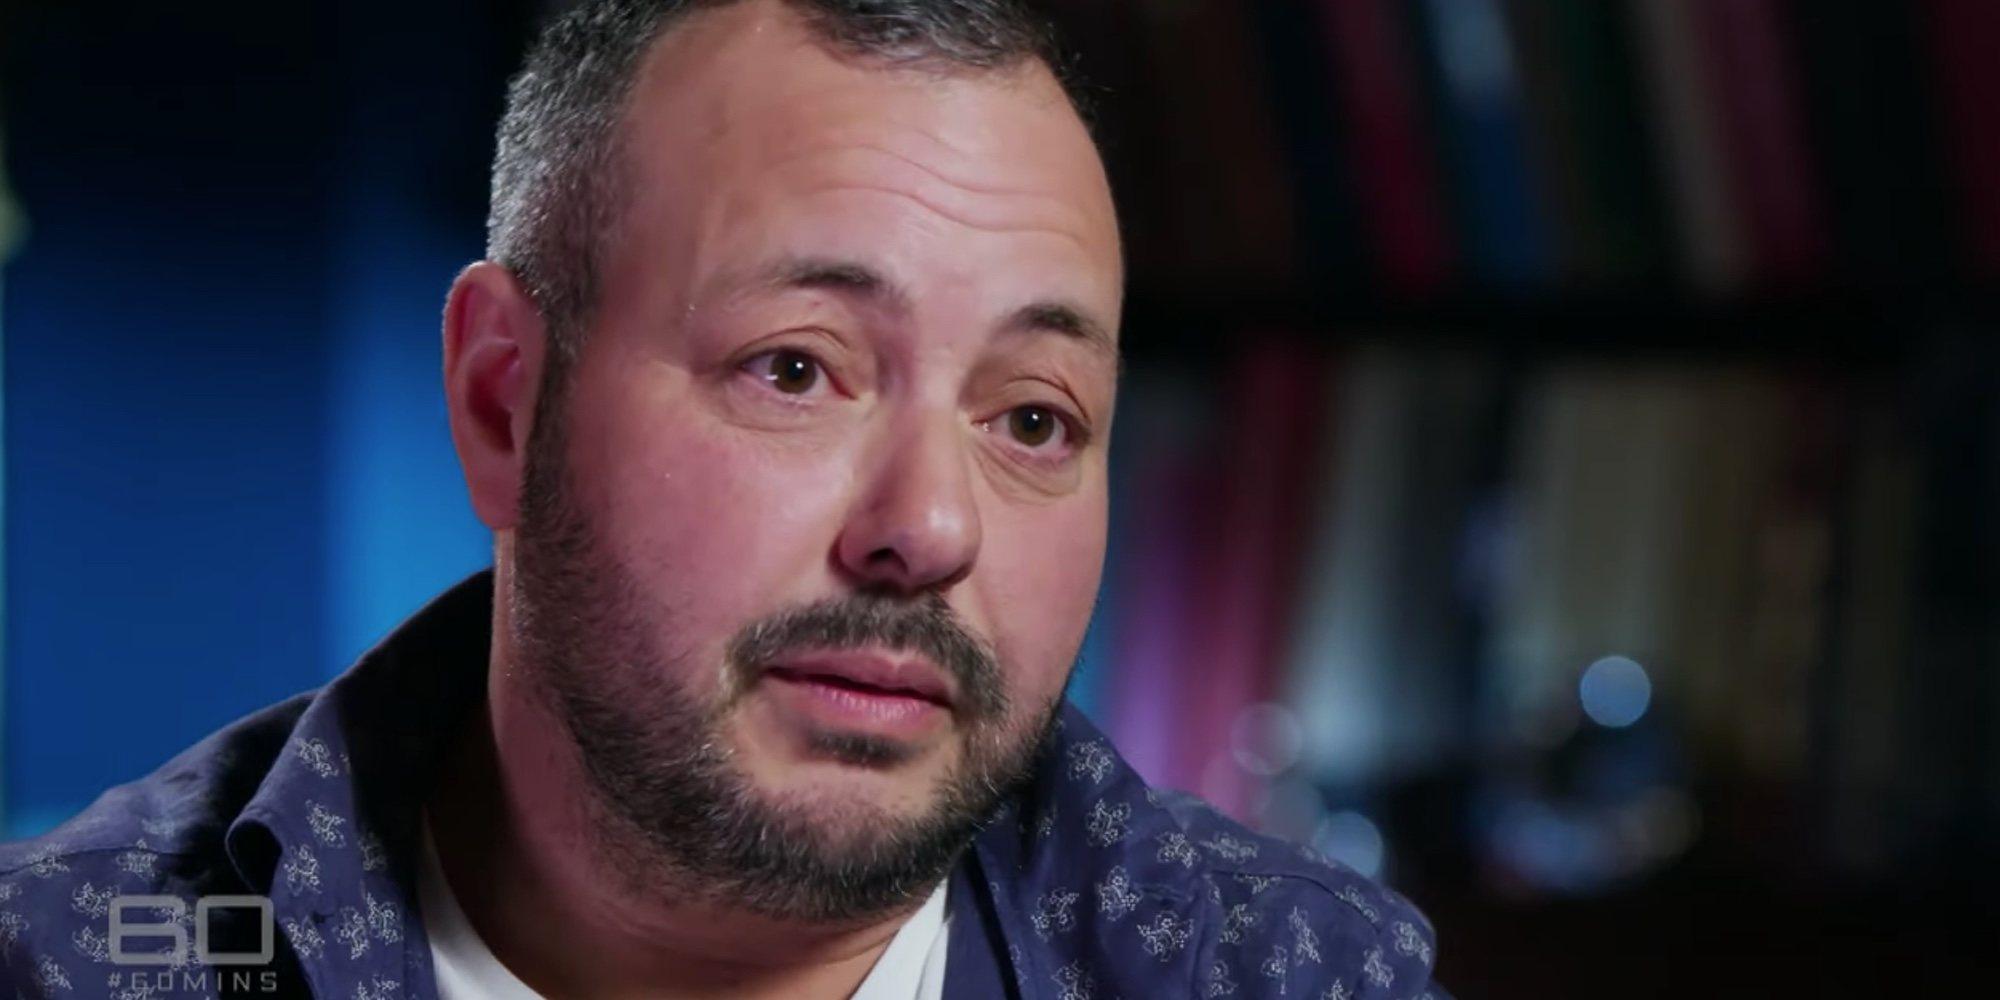 El sobrino del emir de Dubái, Marcus Essabri, denuncia el maltrato del jeque a sus dos hijas